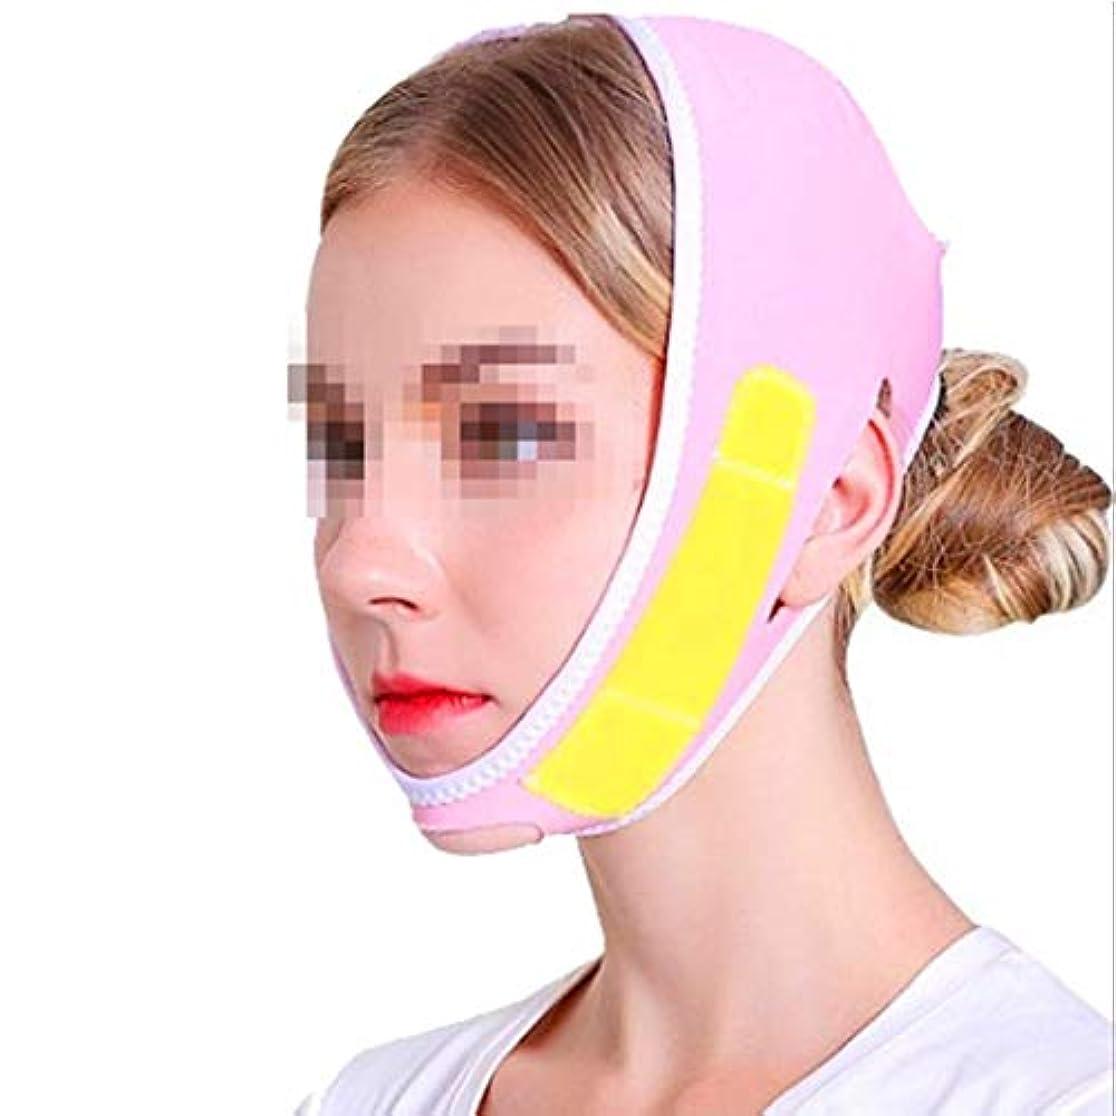 シールド繰り返した代数フェイスリフトマスク、Vフェイスフェイシャルリフティング、およびローラインにしっかりと締め付けます二重あごの美容整形包帯マルチカラーオプション(カラー:イエロー),ピンク